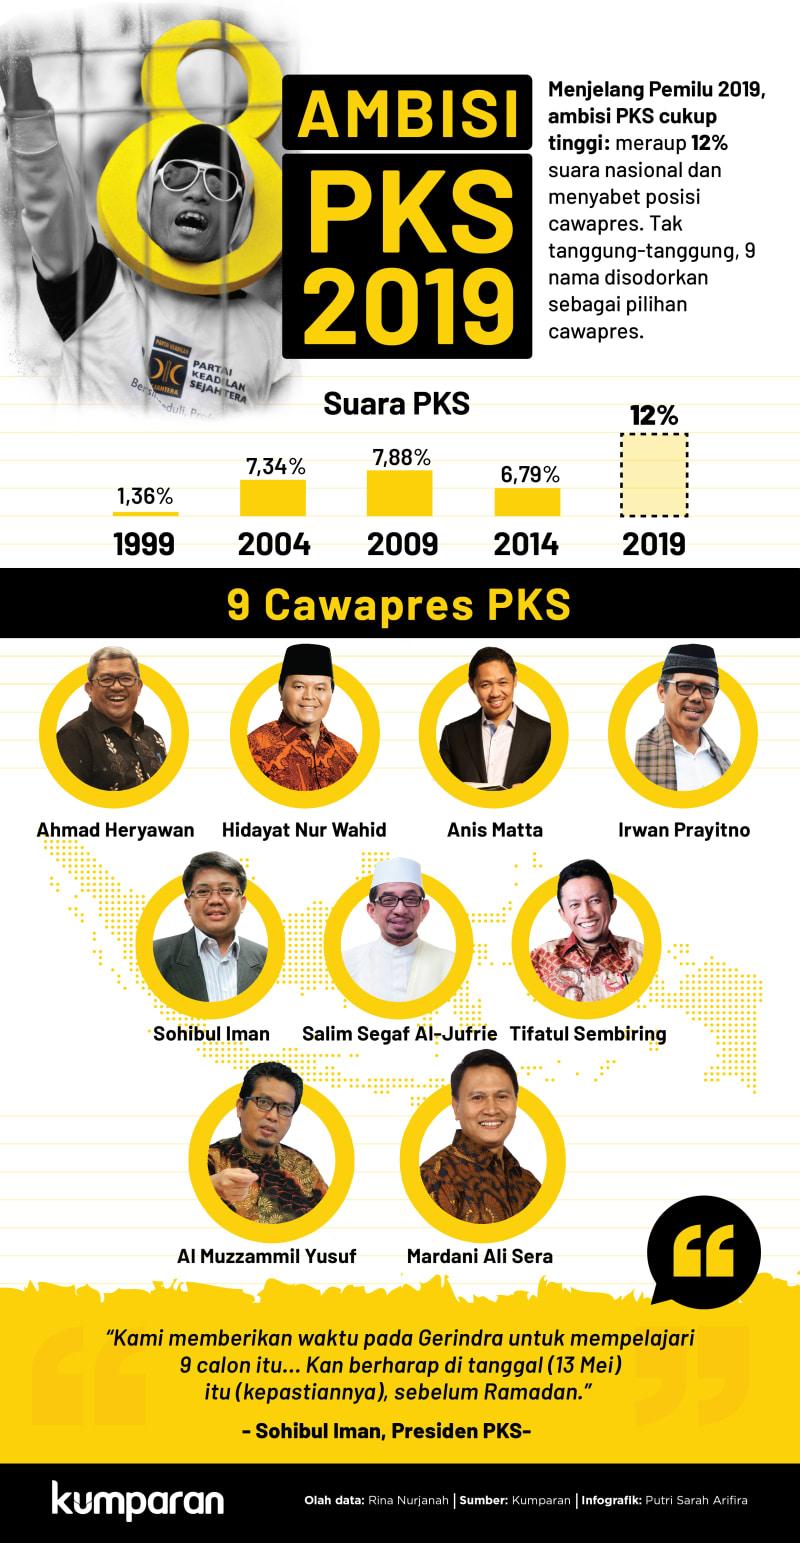 Ambisi PKS di Pilpres 2019